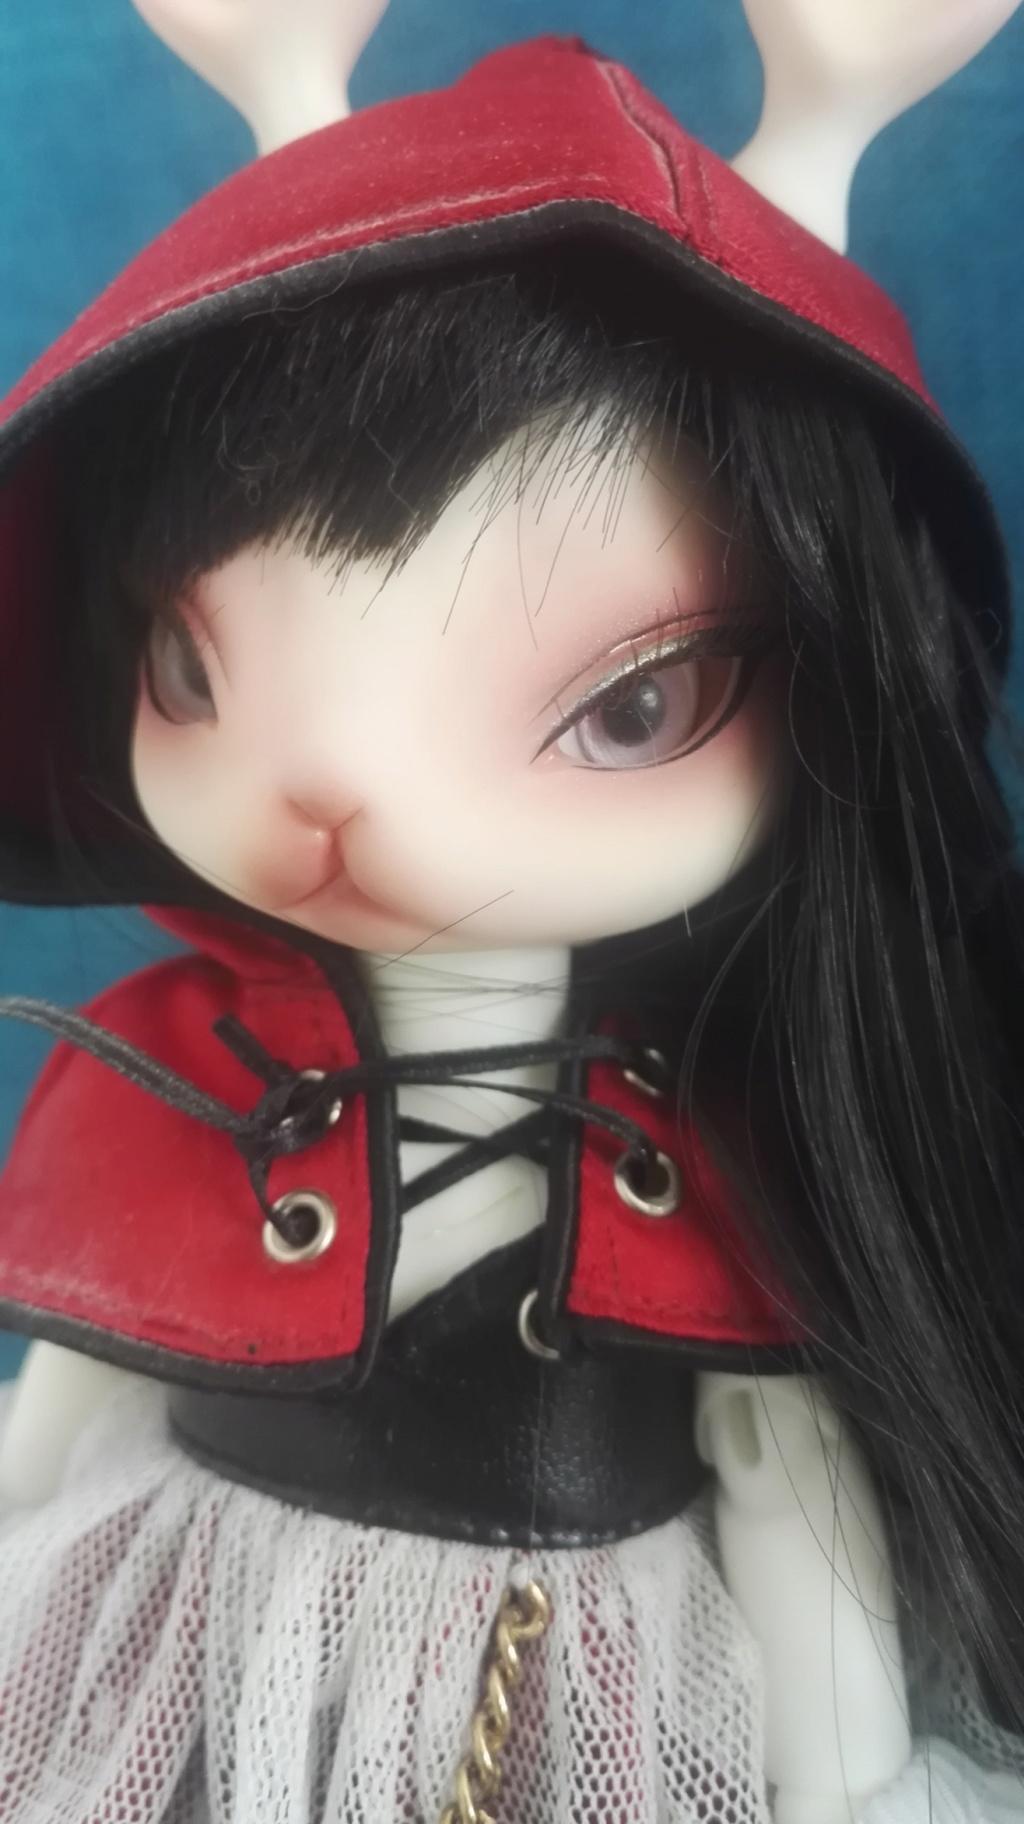 [vente] Noble dolls Reglisse-Mr Quenotte - Lati &+++ Img_2018